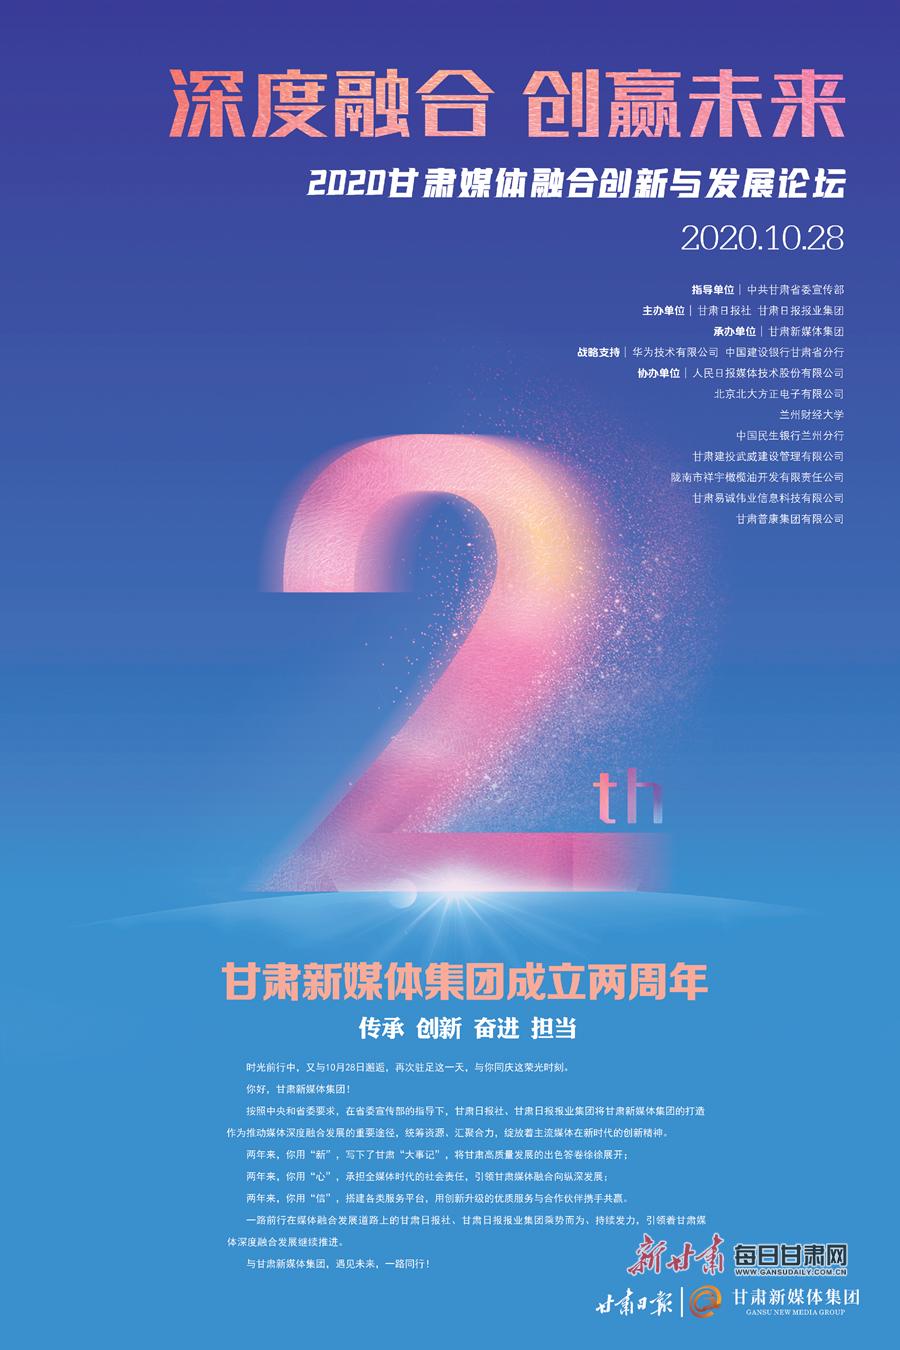 深度融合 创赢未来 2020甘肃媒体融合创新与发展论坛10月28日召开